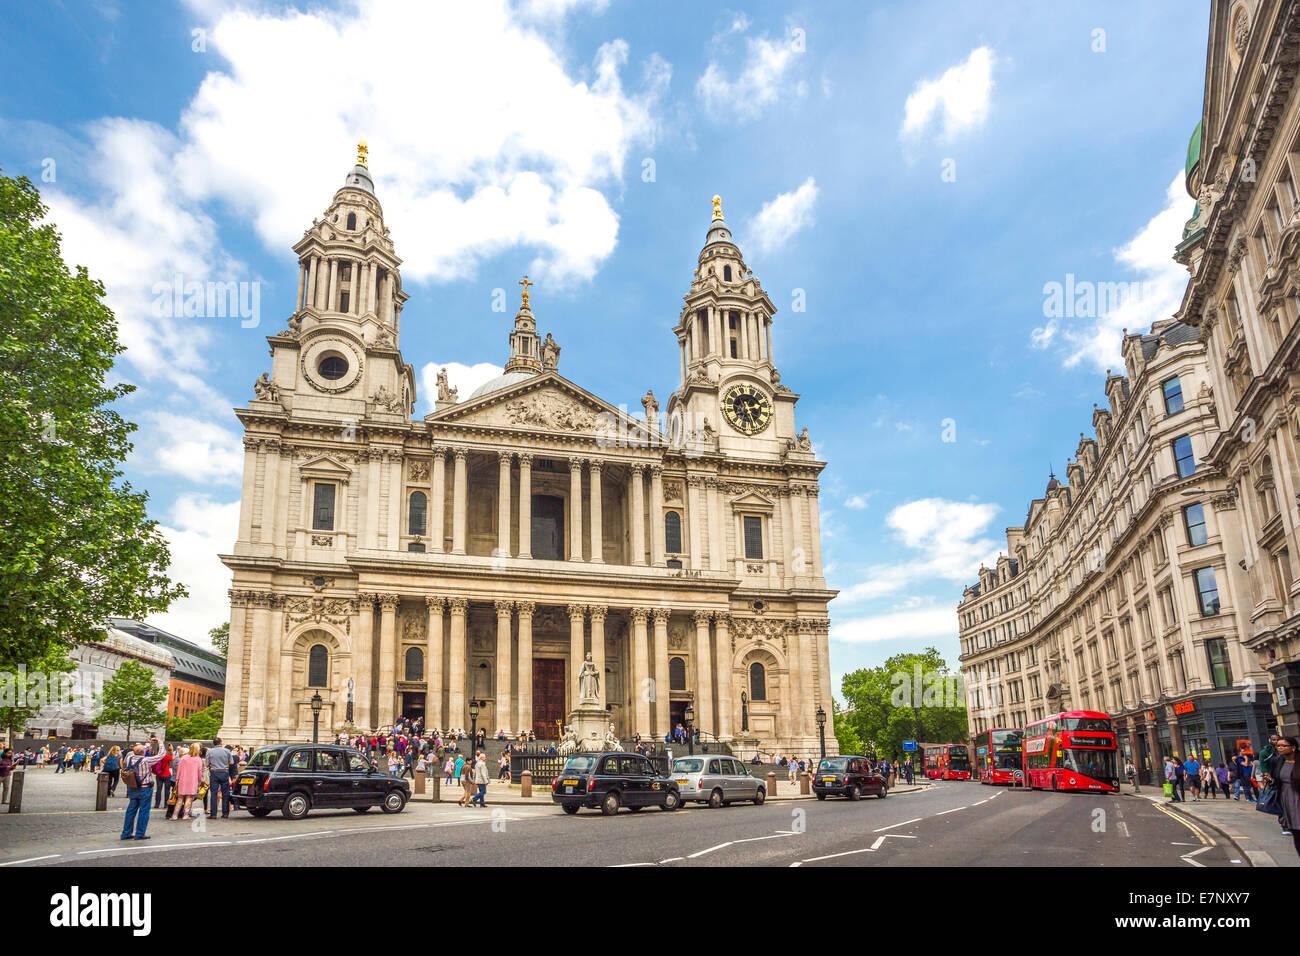 Avenida, el edificio, la Catedral, la ciudad de Londres, Inglaterra, Reino Unido, San Pablo, arquitectura, historia, Imagen De Stock